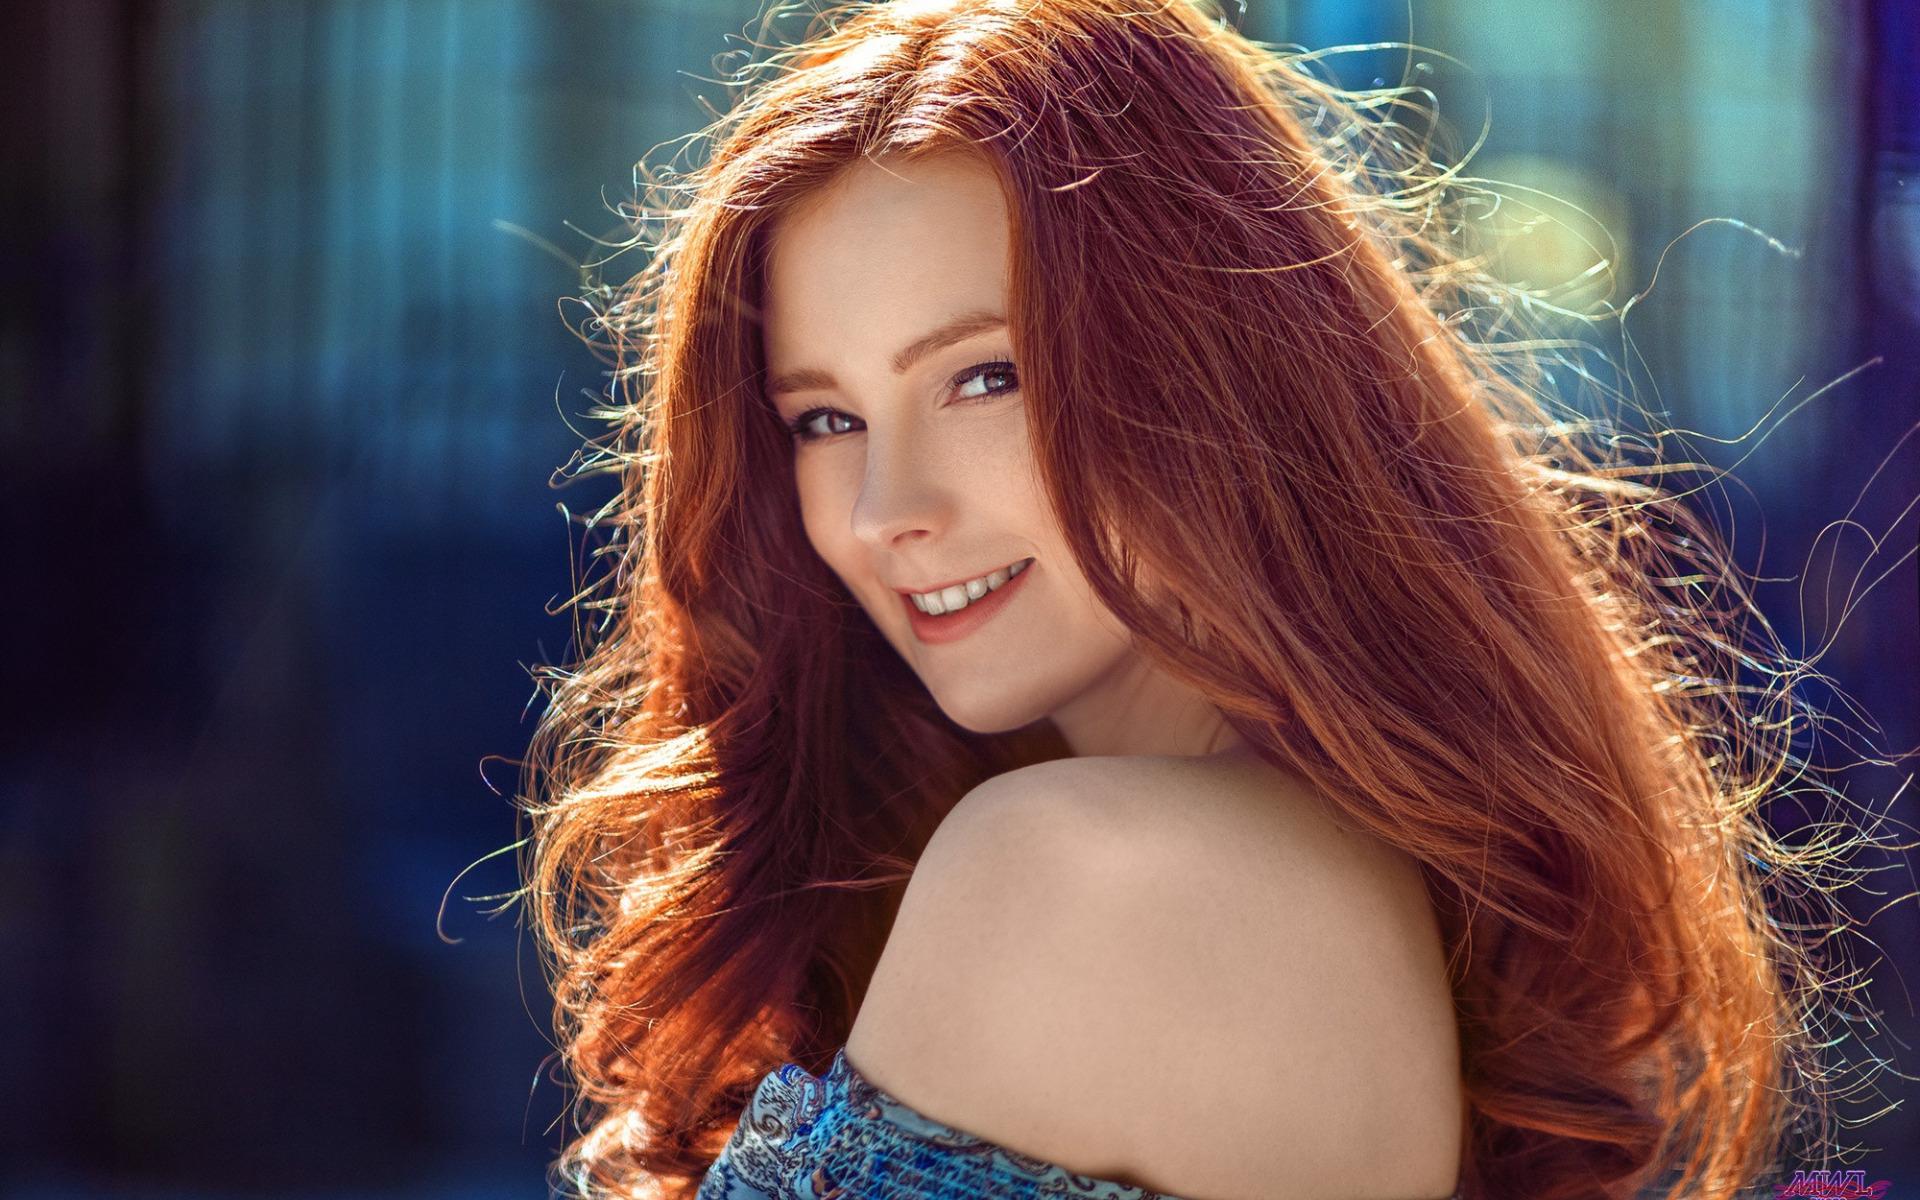 красивые бледно рыжие девушки профессиональные фотки этого тётя маша